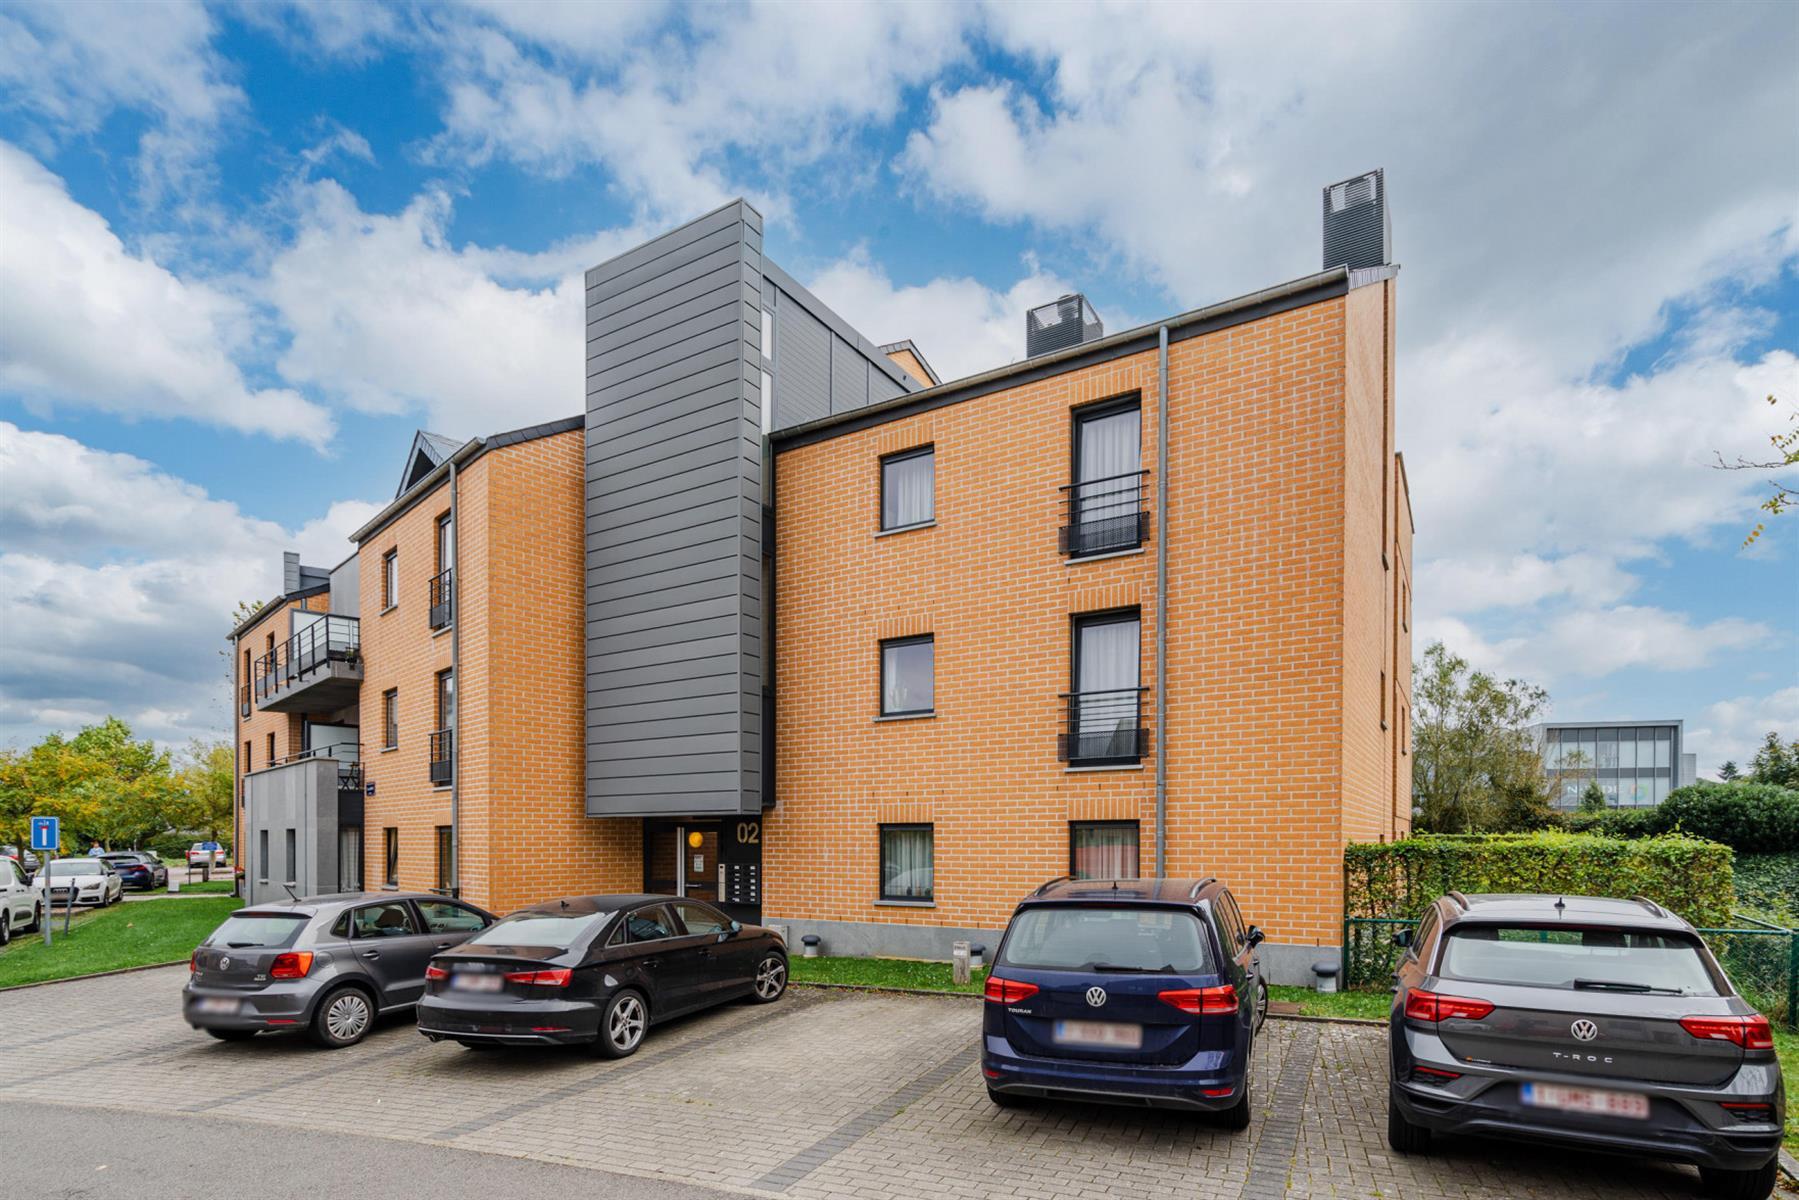 Appartement - Ottignies-louvain-la-neuve - #4505964-3